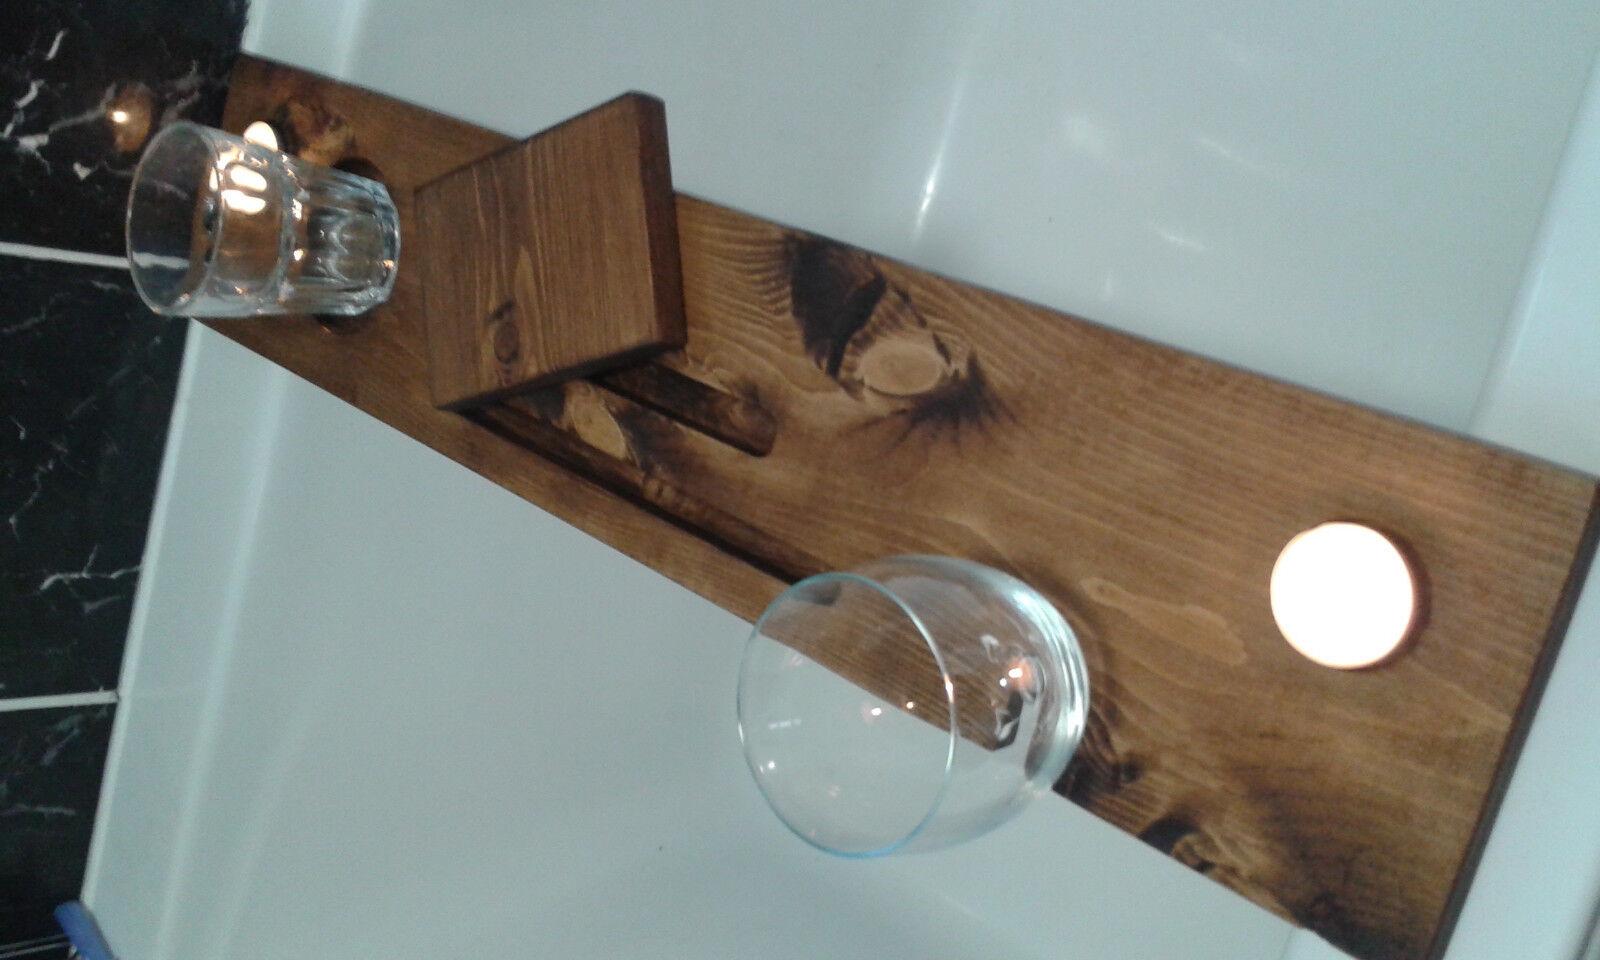 WOODEN BATH Caddy - Solid Wood Tray Bridge Shelf - Tablet Phone ...